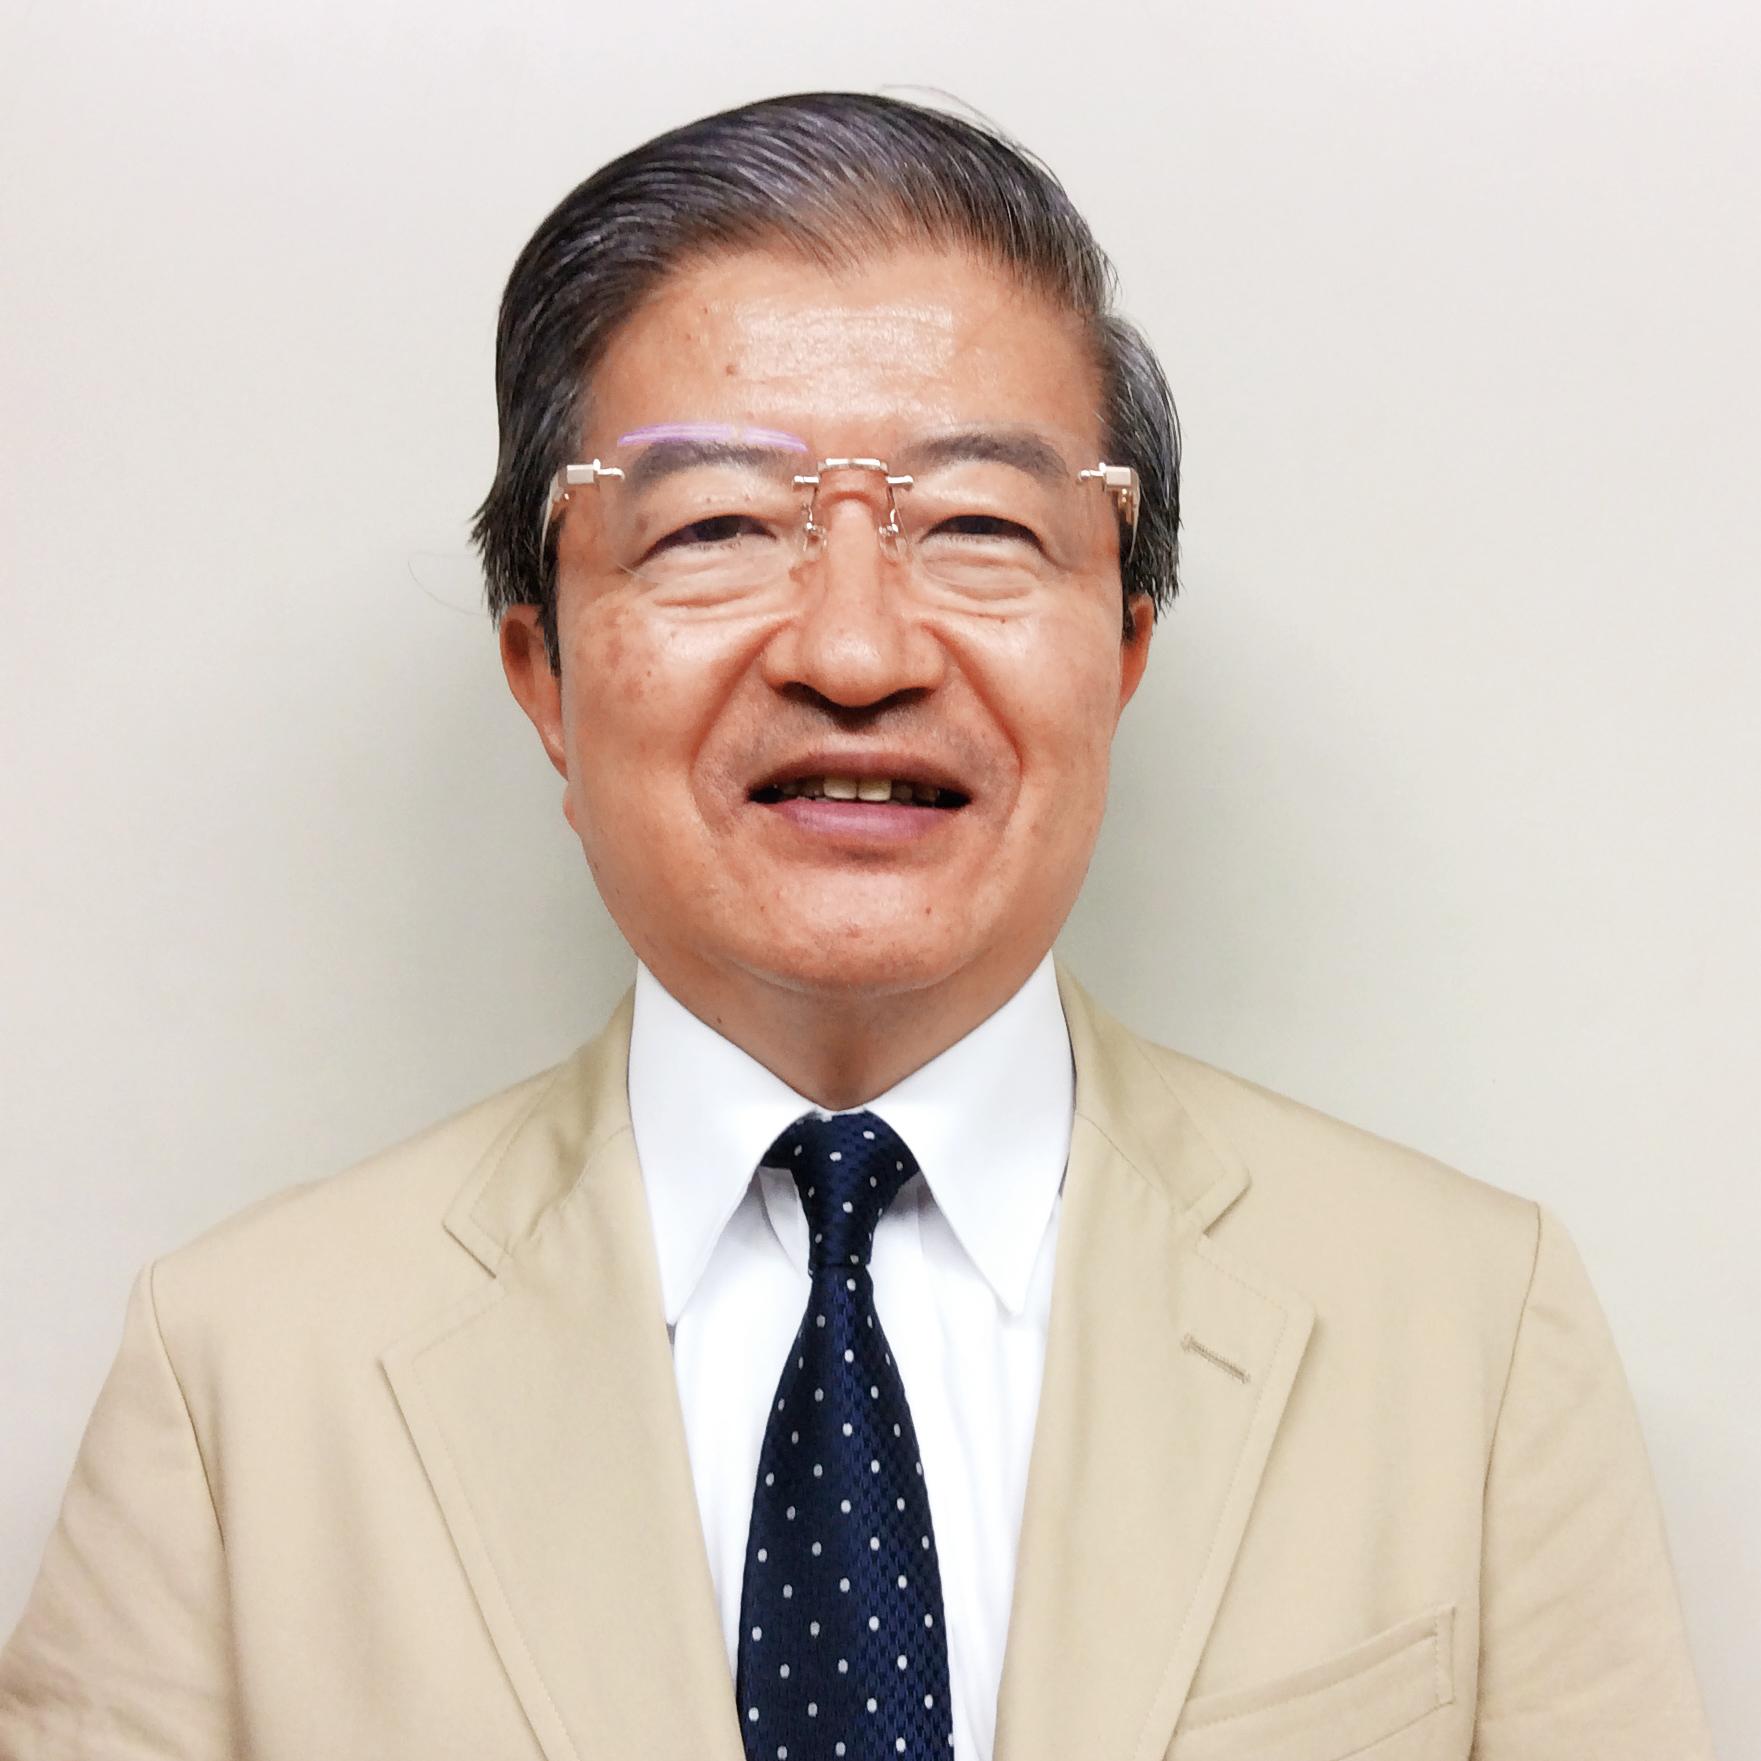 金井靖雄さん